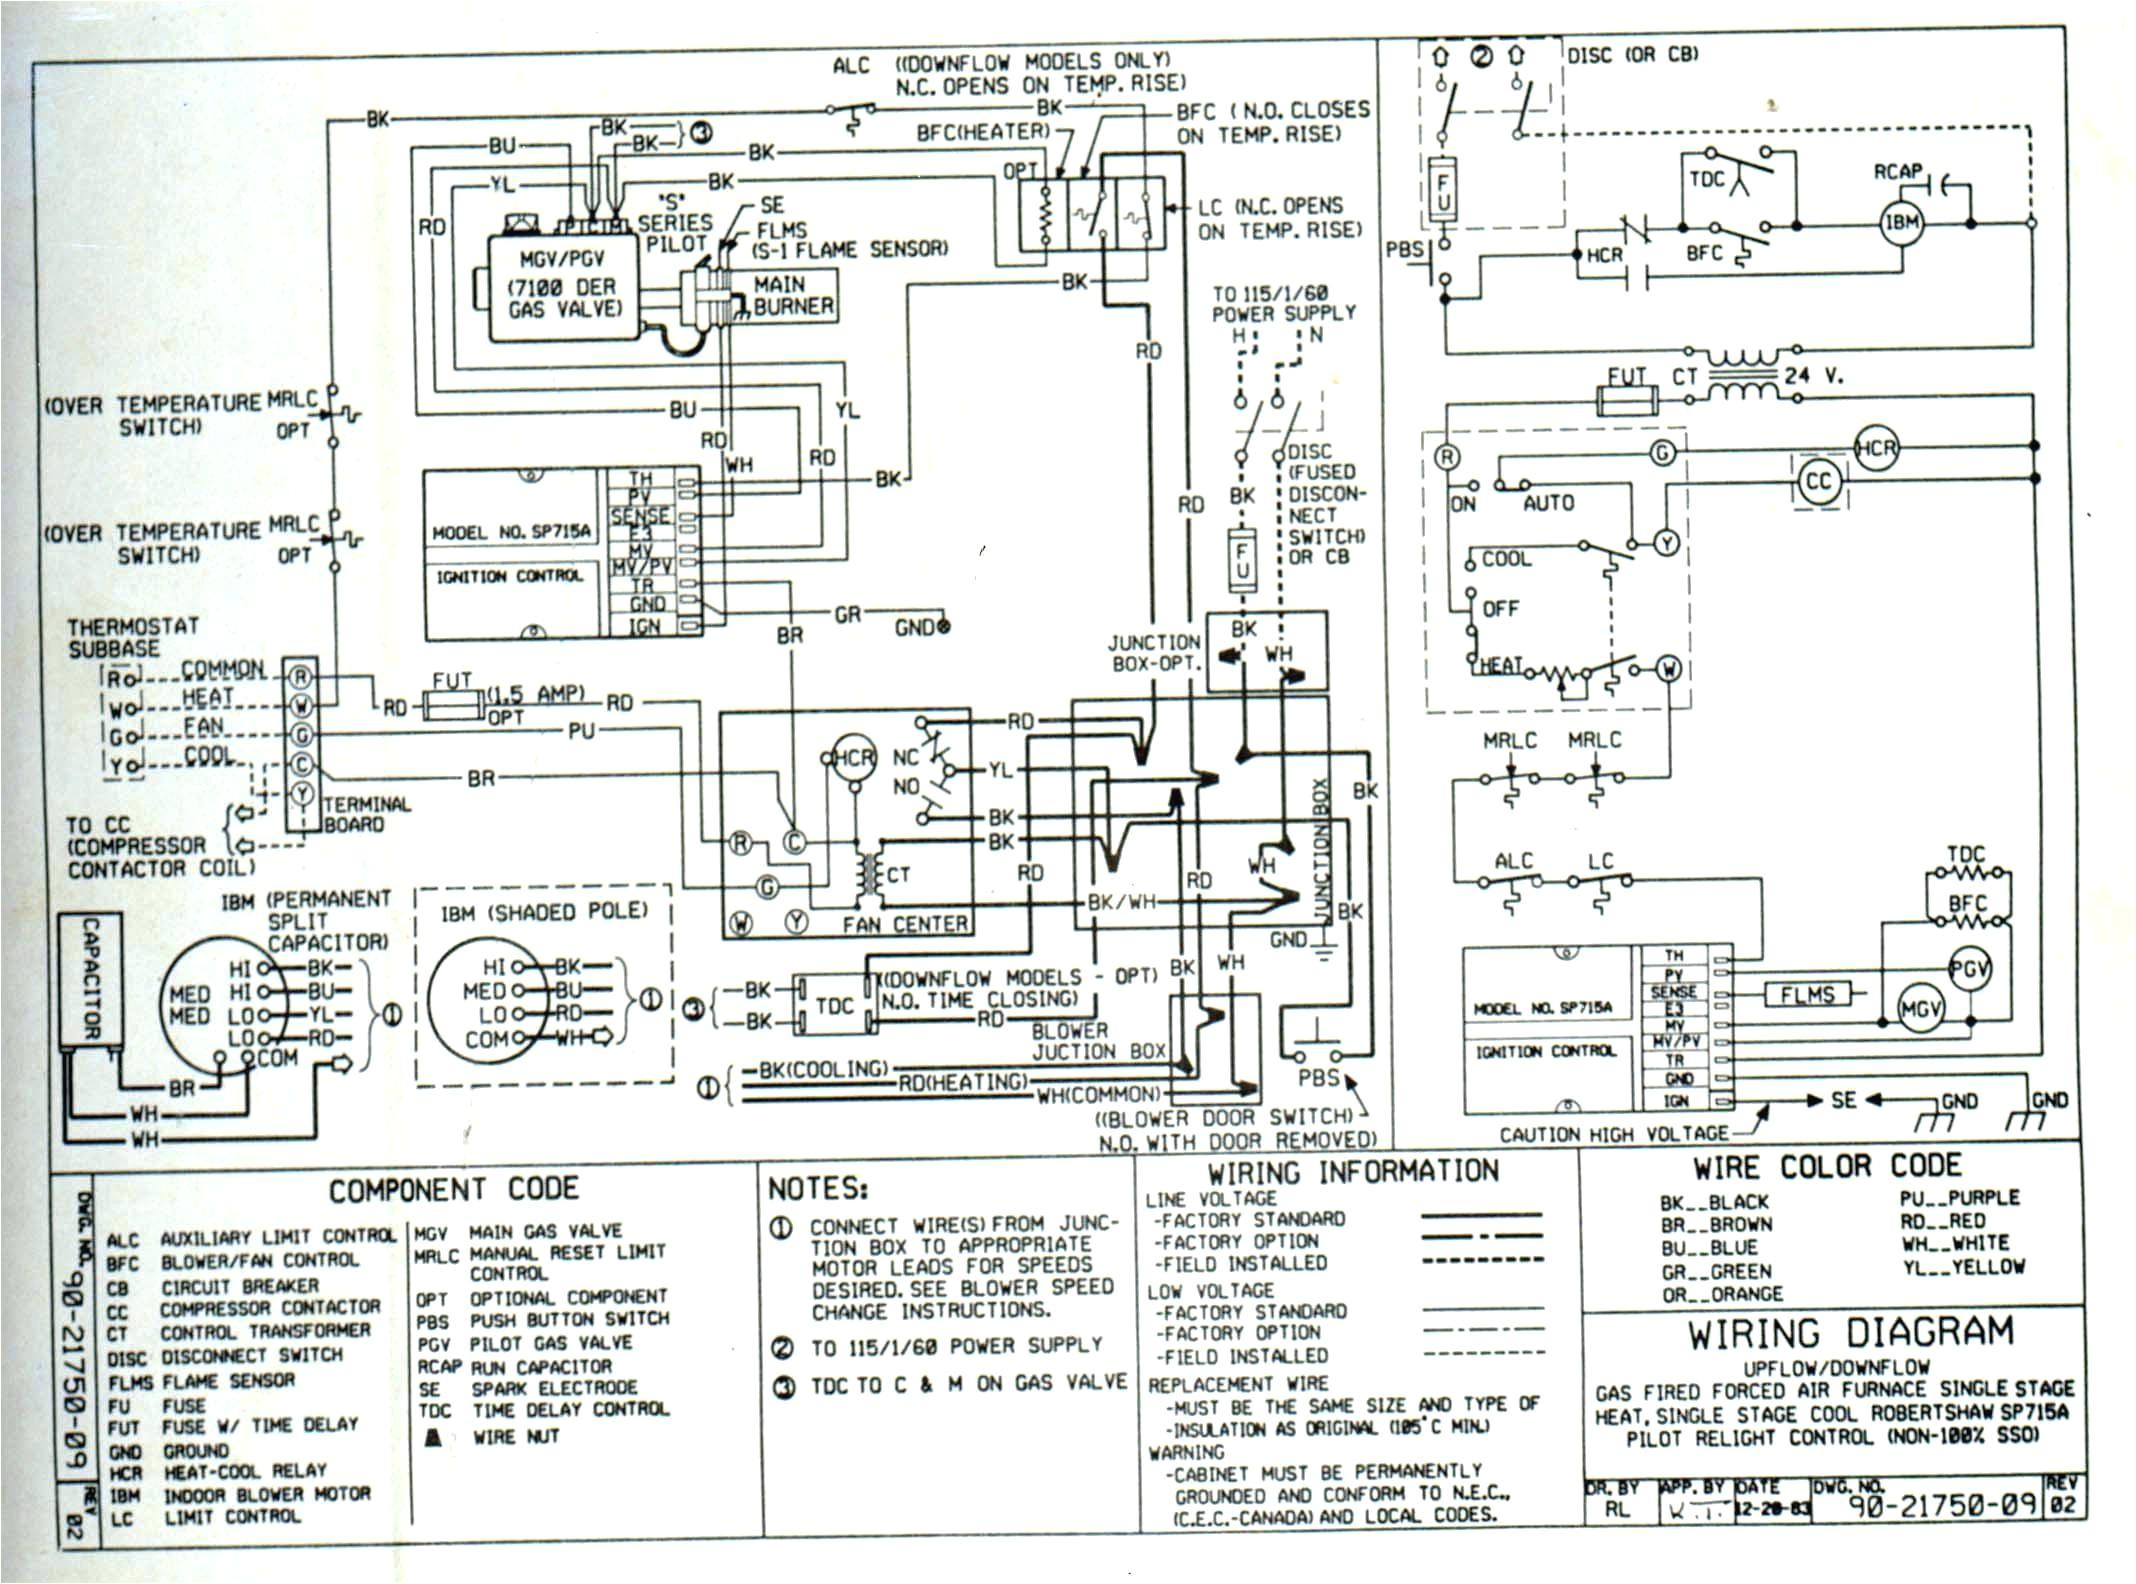 wiring chiller diagram trane cgacc60 wiring diagram load trane bay28x138a wiring diagram